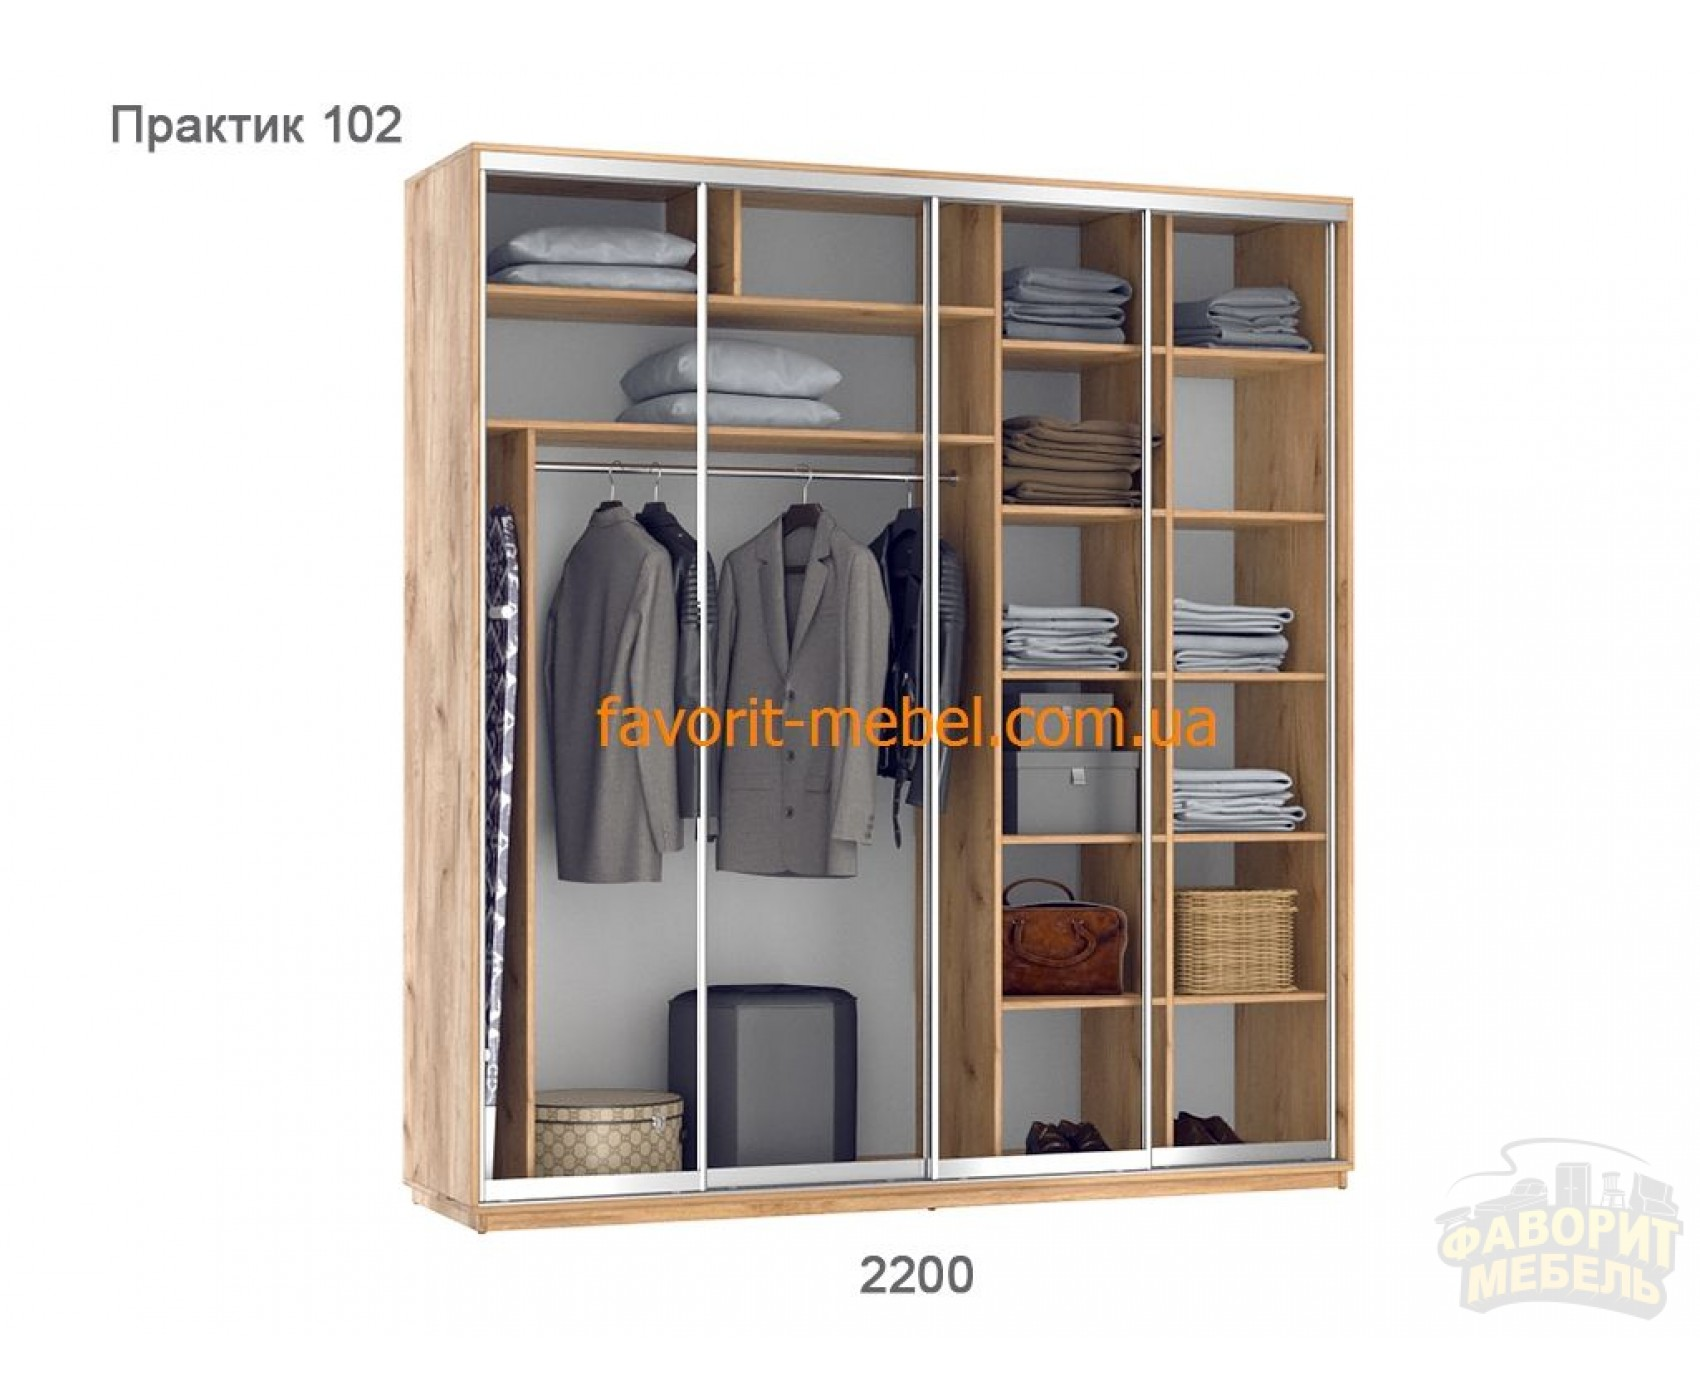 Шкаф купе Практик 102/4 (220х60х240 см)